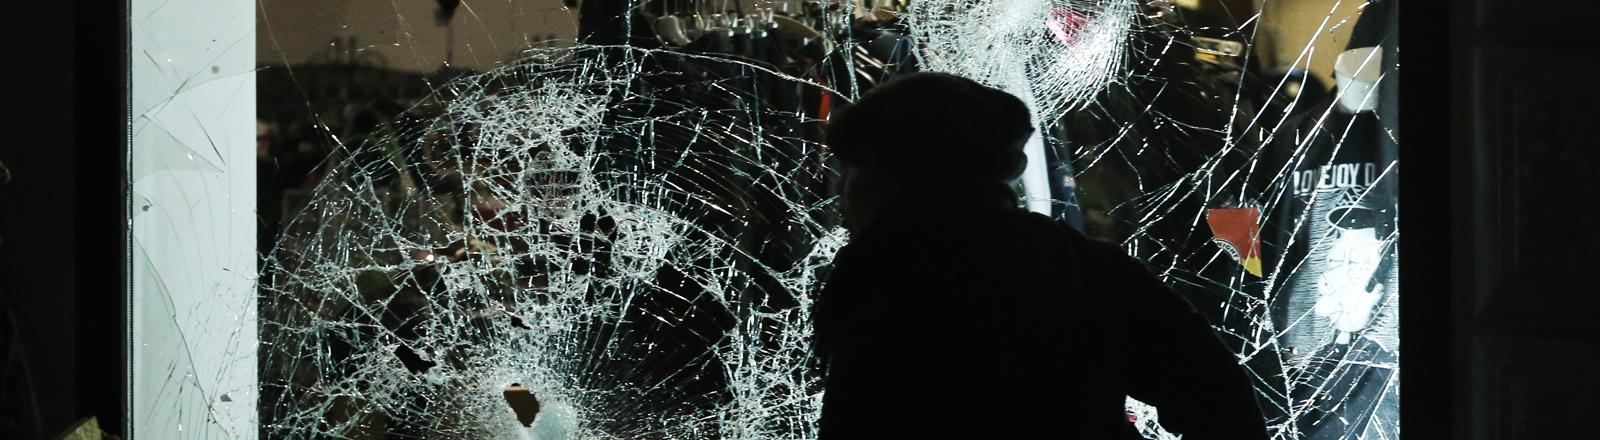 Ein Mensch läuft am 11.01.2016 im Stadtteil Connewitz in Leipzig (Sachsen) an einem beschädigtem Schaufenster vorbei. Rund 250 vermummte Hooligans haben am Montagabend in dem Leipziger Stadtteil randaliert. Sie hätten Pyrotechnik gezündet und Schaufensterscheiben mit Steinen eingeworfen, sagte eine Polizeisprecherin. Es handele sich um eine rechte Klientel aus dem Fußballbereich.